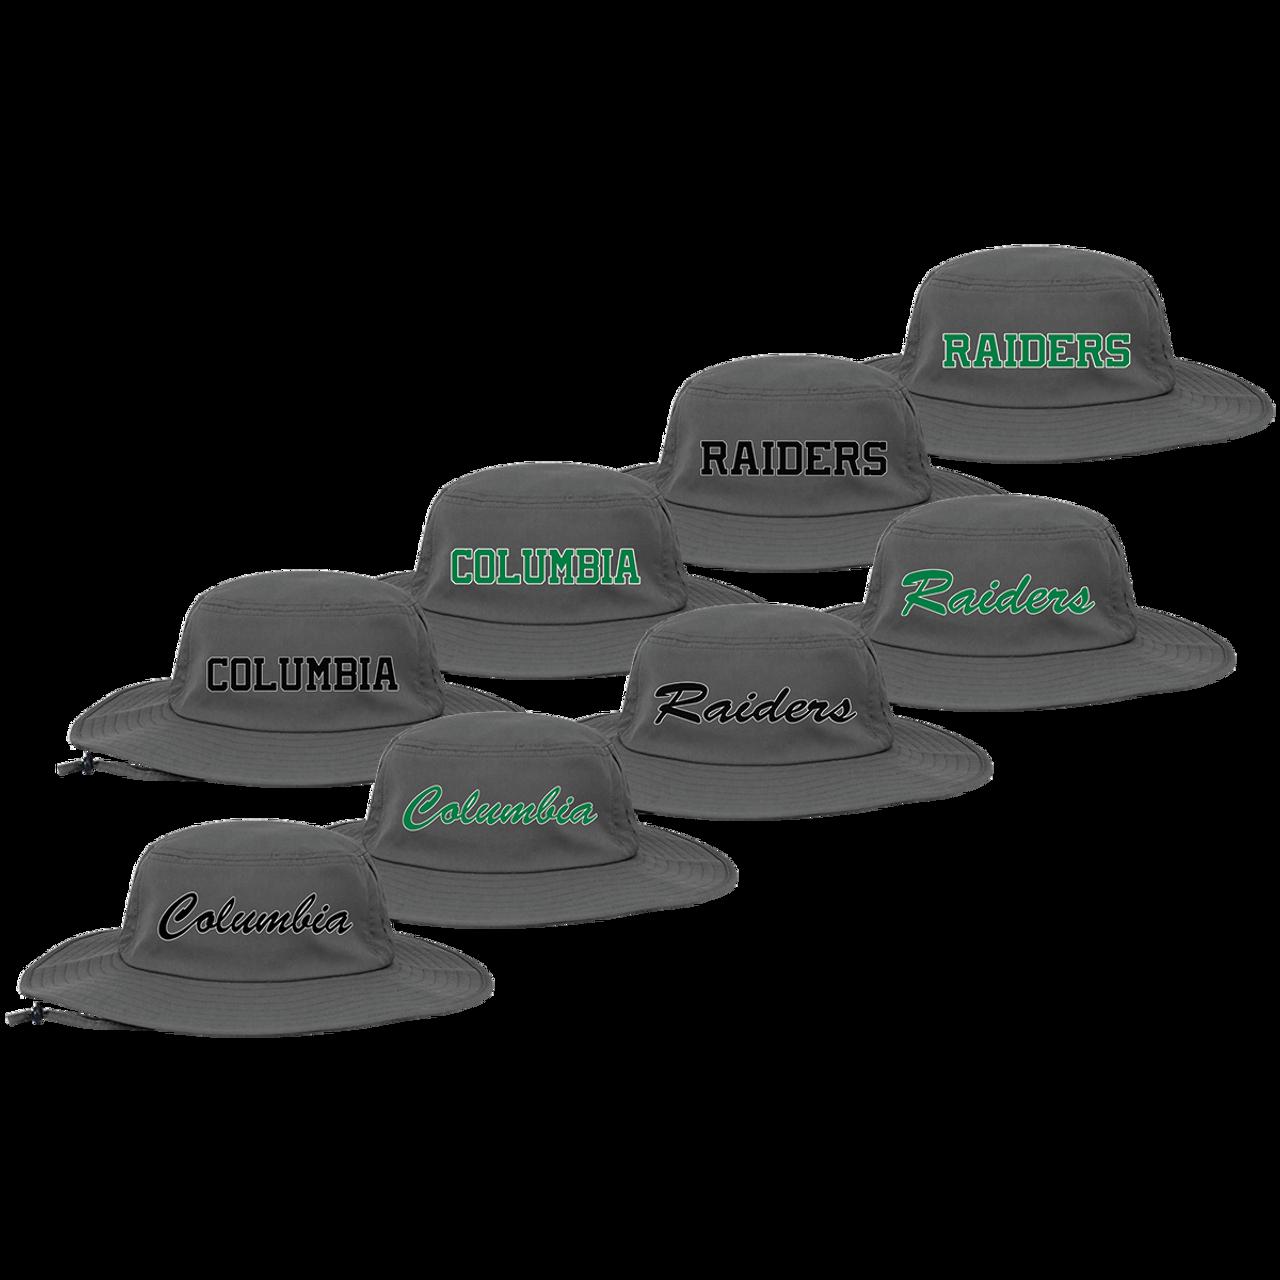 7bbfabe466c5d Columbia Raiders Boonie Hat (RY200-RY207) - RycoSports